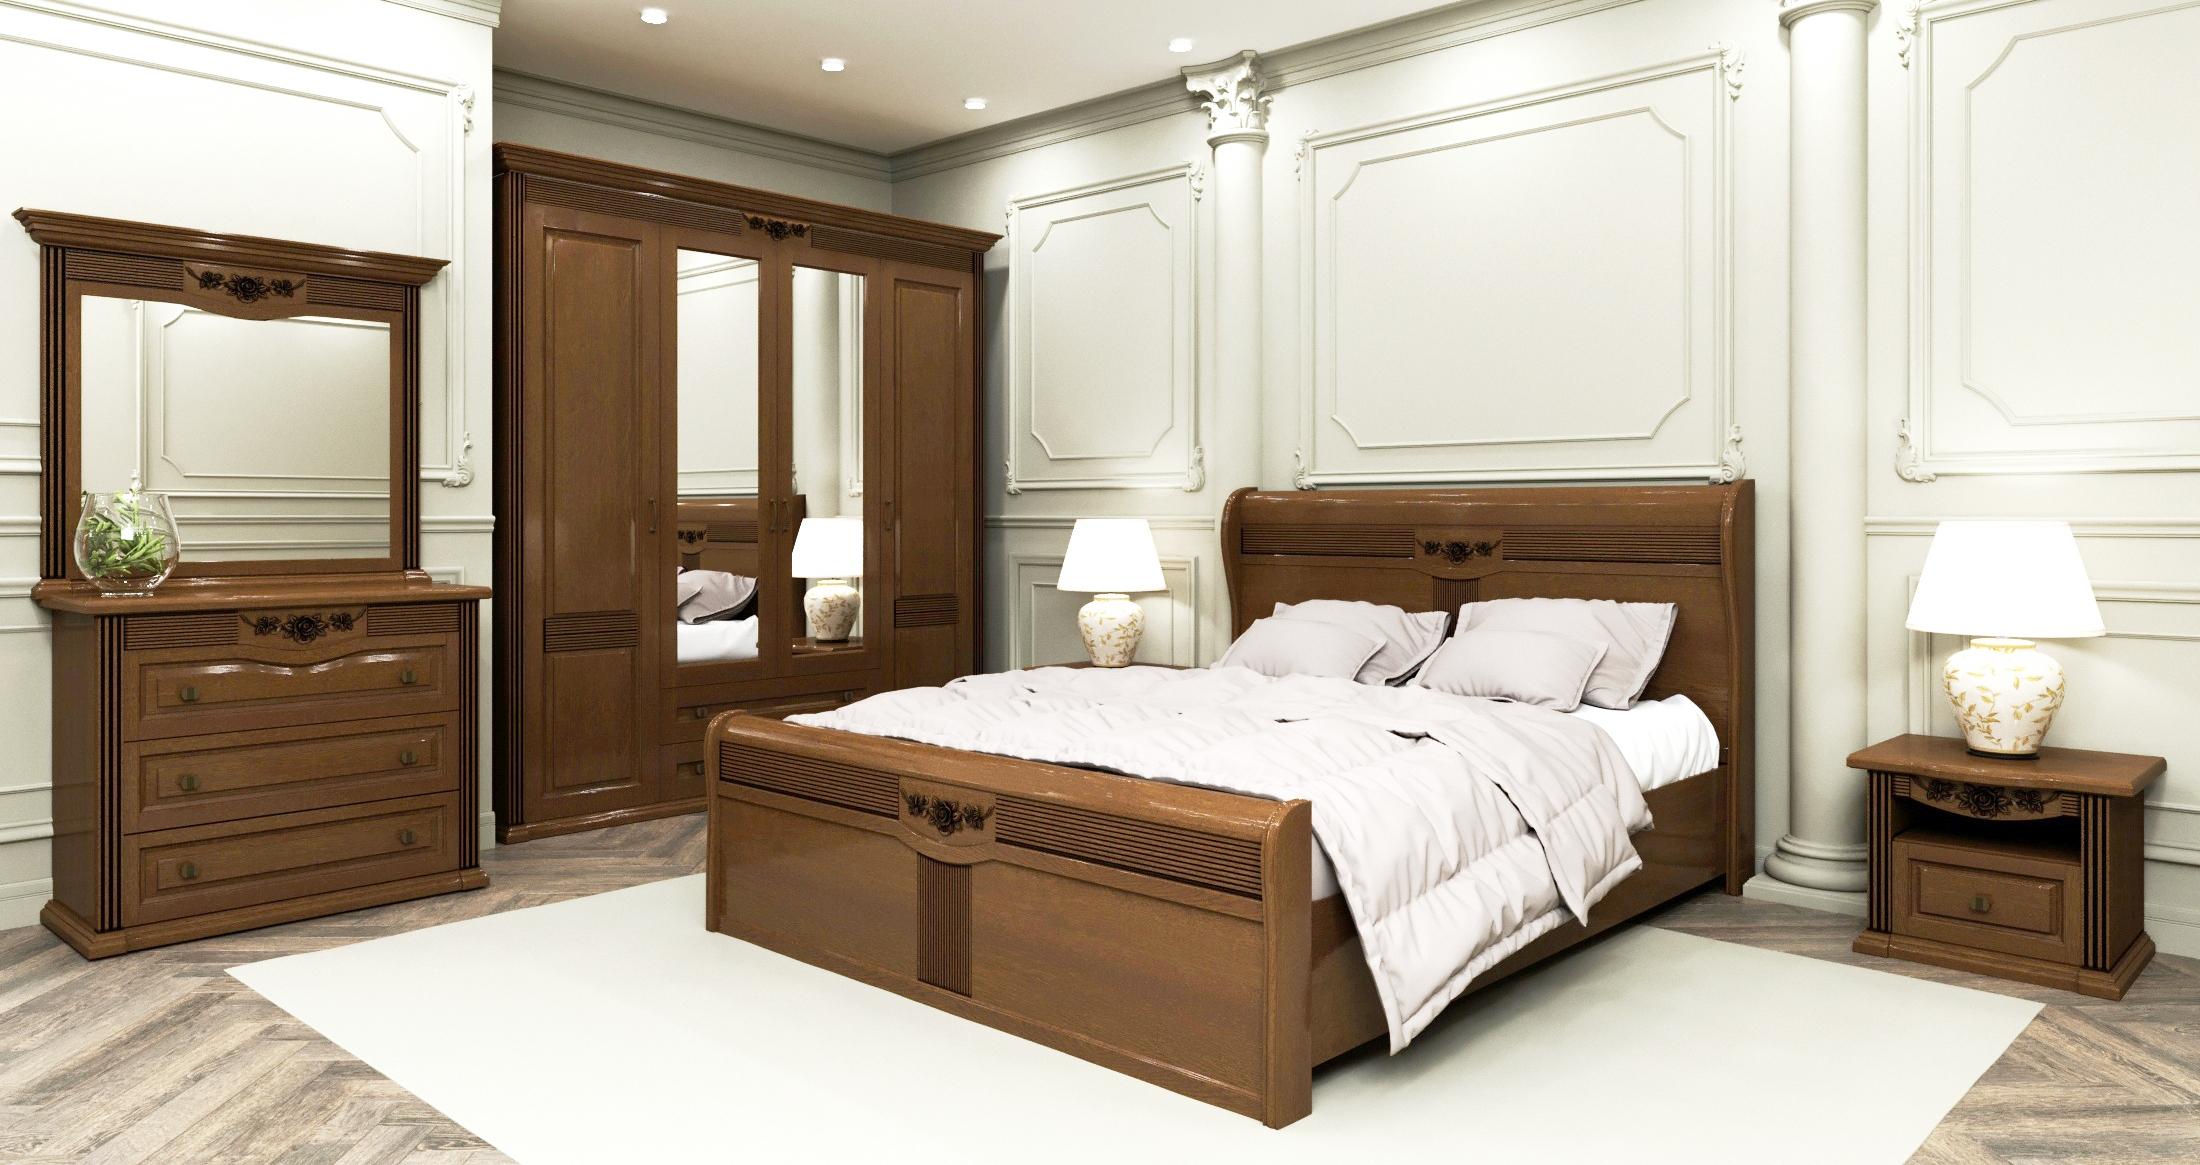 Елітні меблі для спальні Київкупуйте у нас!